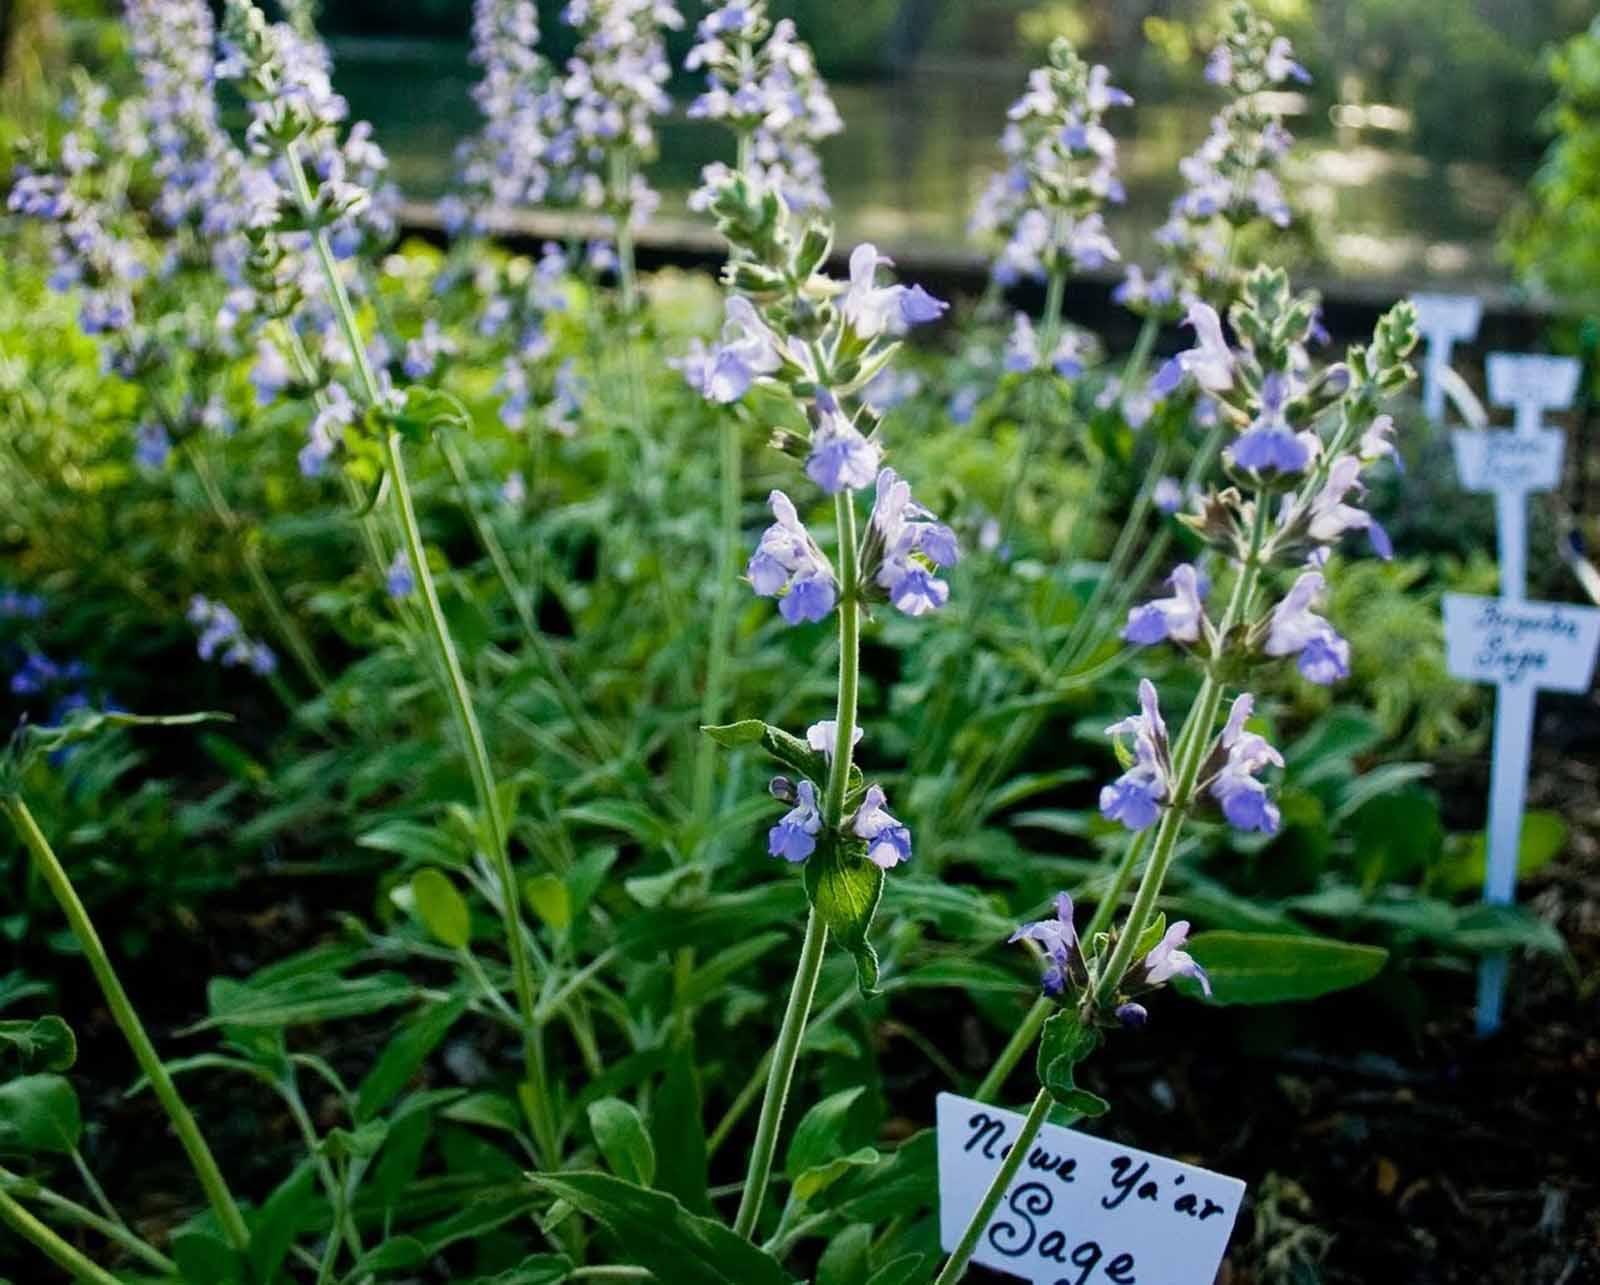 Herb Garden - Sage